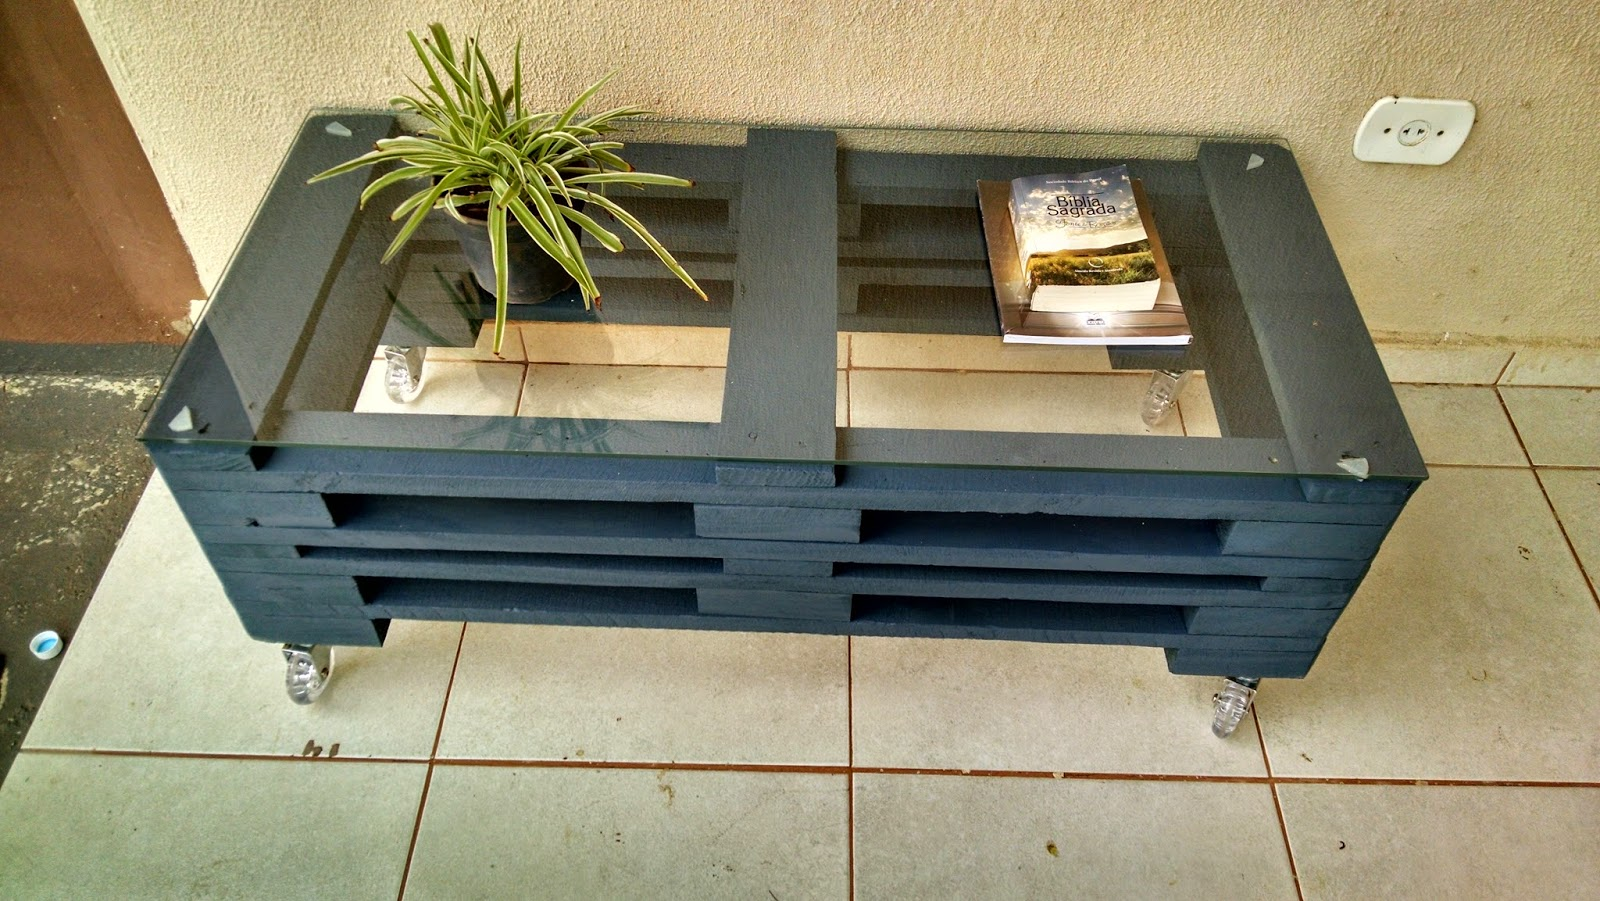 Famosos Casa Paletes - Móveis Rústicos: Mesa / Rack de Paletes DZ12